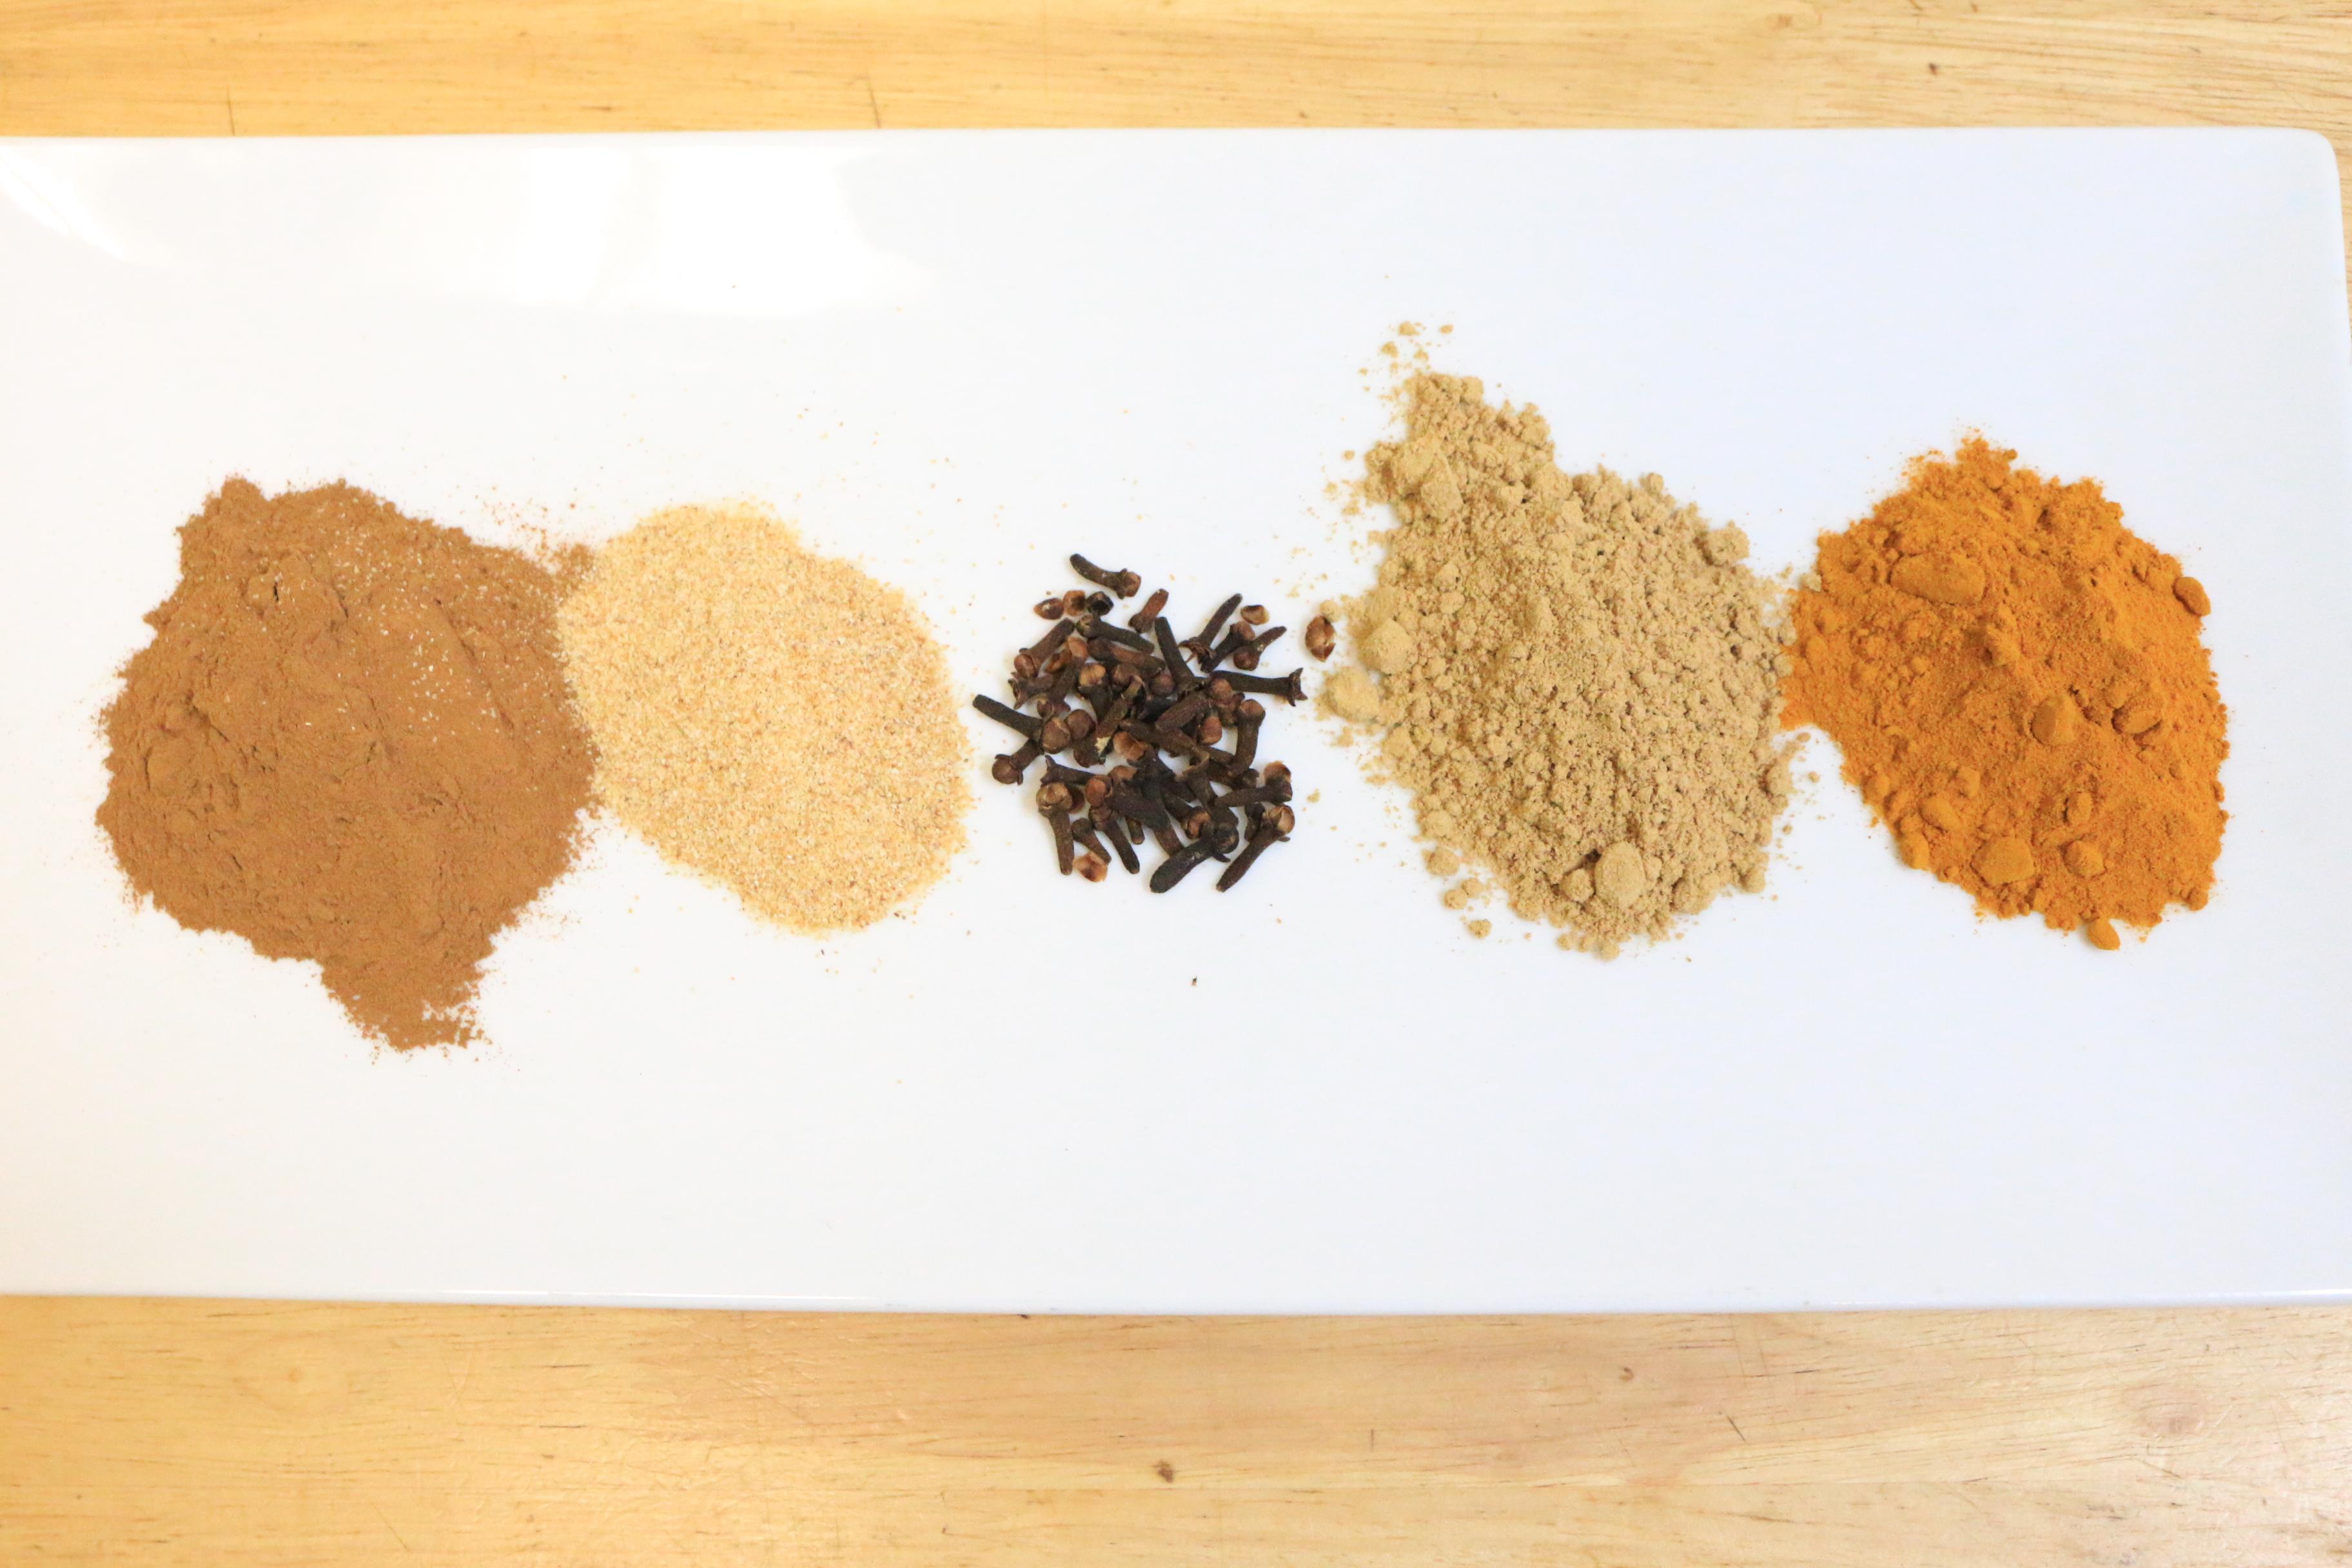 Nightshade-Free Curry Powder (AIP Friendly)